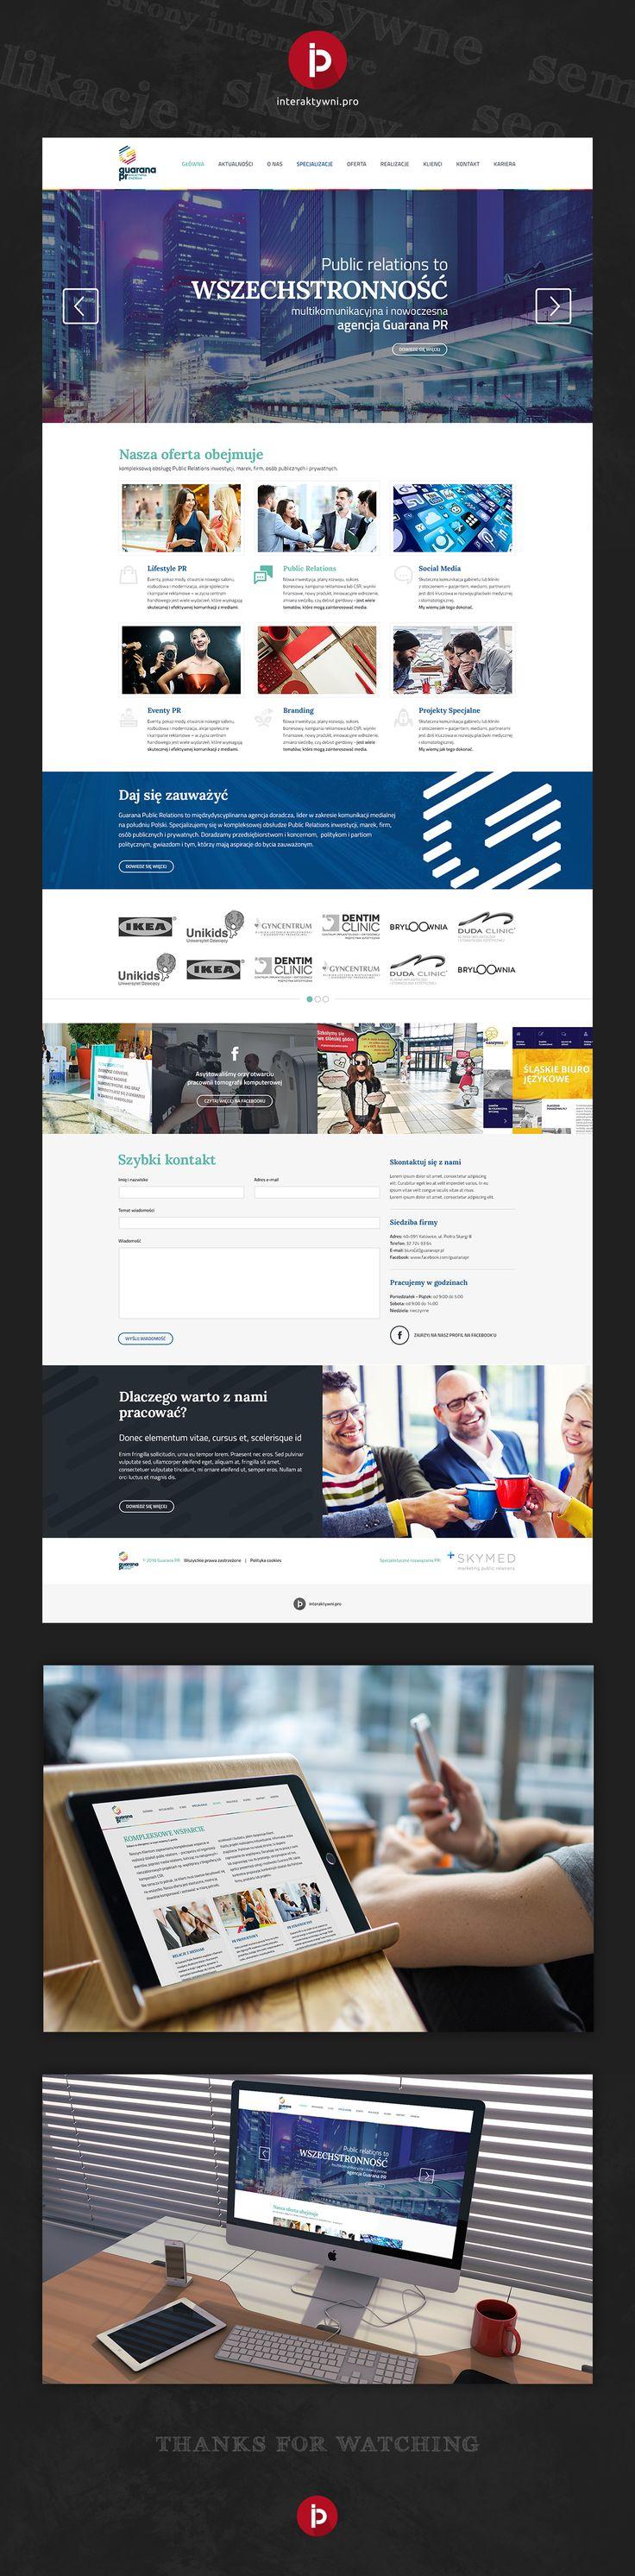 Responsywna strona internetowa dla agencji PRowskiej GuaranaPR. Informacyjna platforma przeznaczona do działań firmy bazująca na autorskim systemie CMS. Pełna realizacja w rękach Interaktywni.pro.  -------- || --------  Responsive website for public relations agency - Guarana PR. The whole project in carefull hands of our team - Interaktywni.pro.